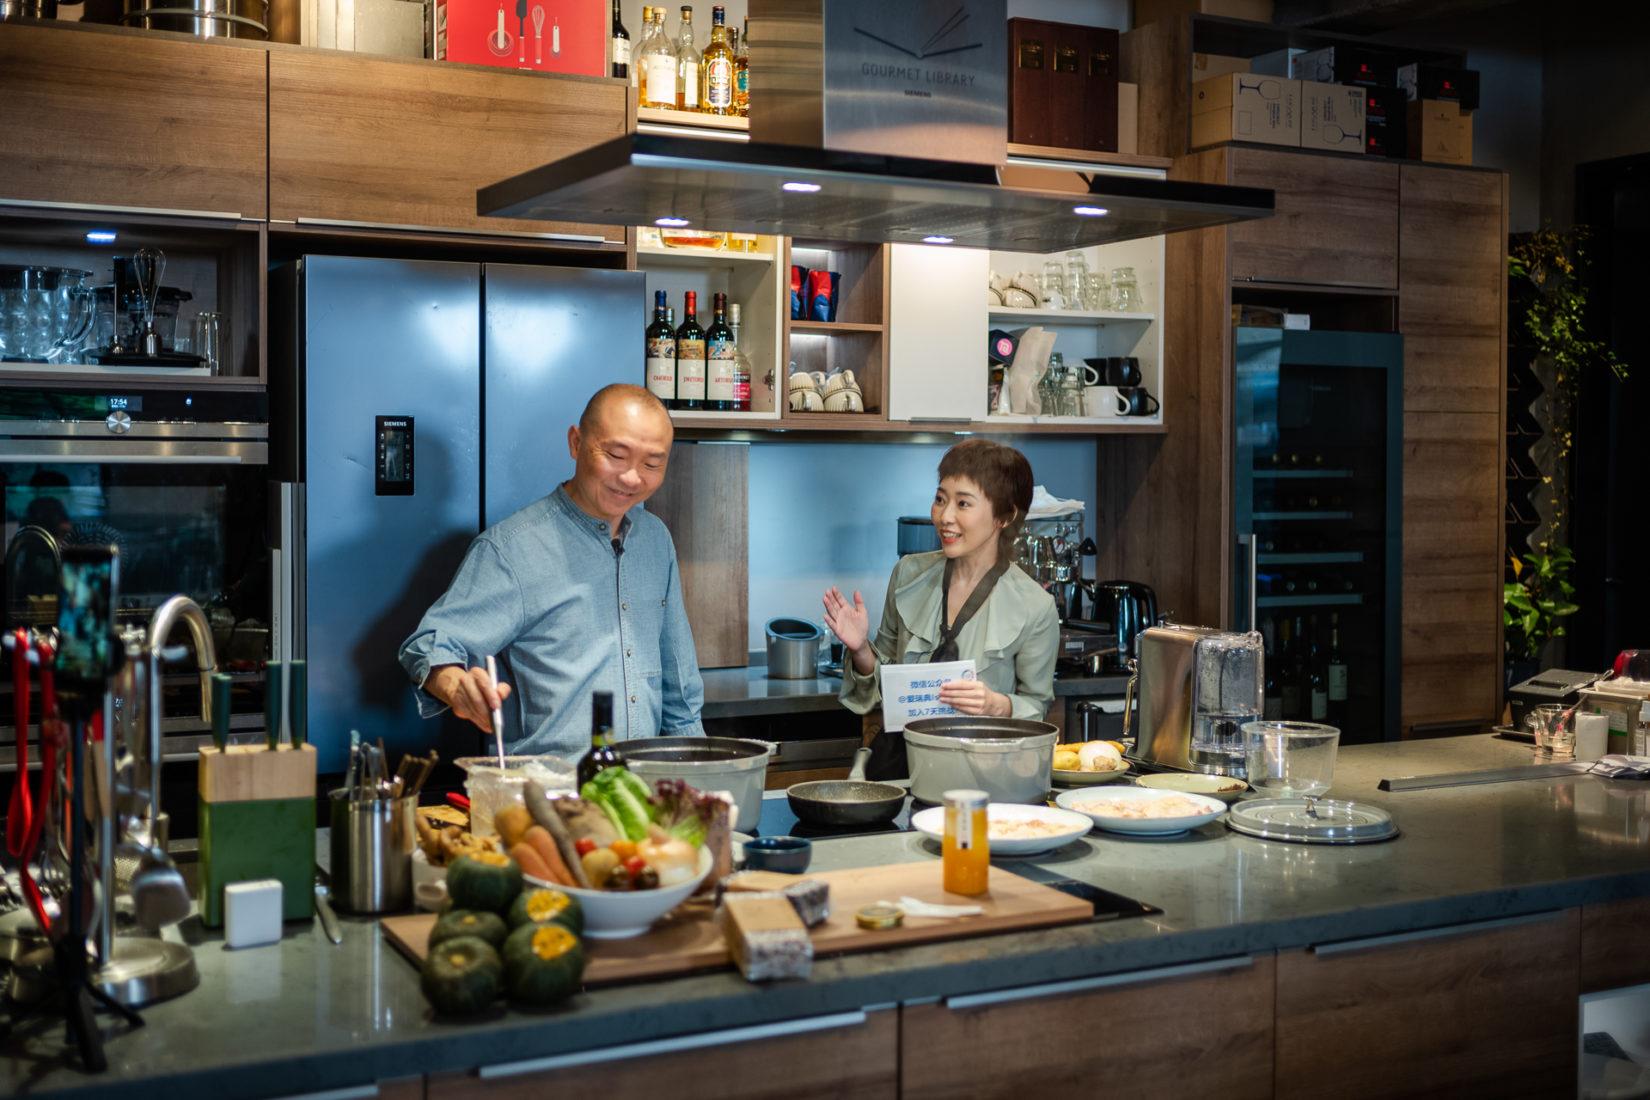 Eat Smart Challenge i Shanghai. Arrangerat av generalkonsulatet. Fotot visar ett kök med en kock som lagar mat och en annan person bredvid som pratar med honom. Fotograf: Zhu Yanxun